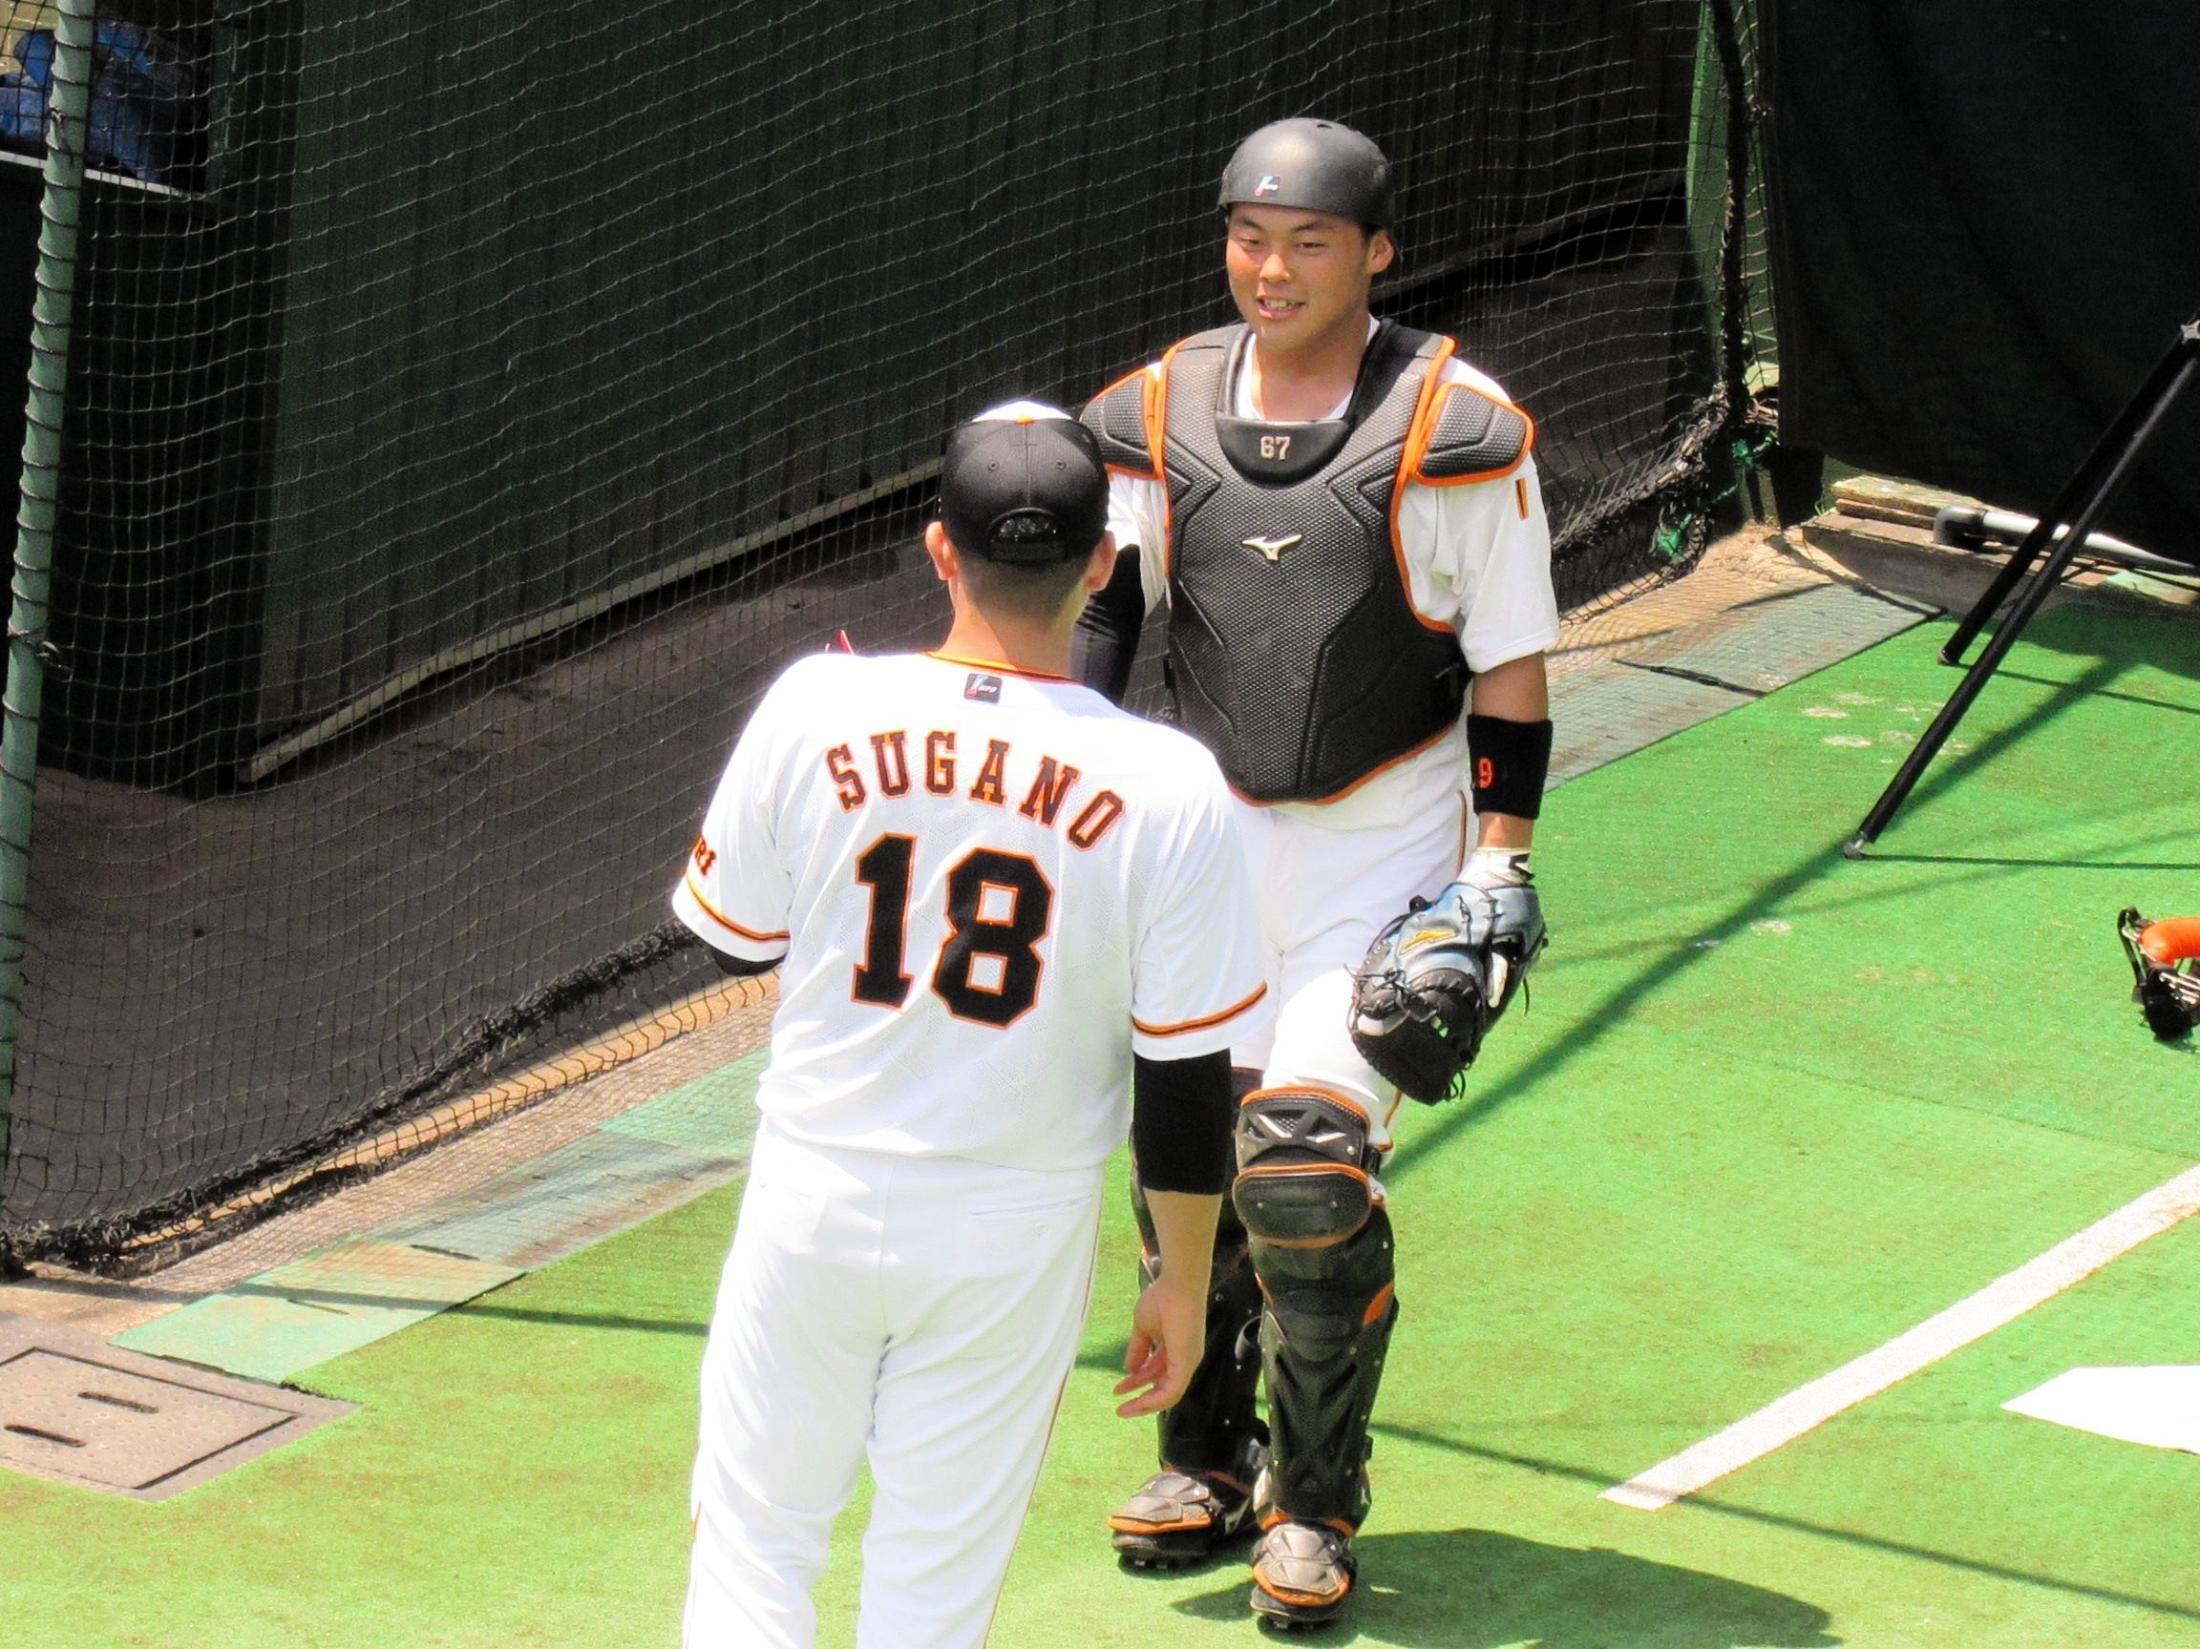 Photo of 巨人・ドラ5山瀬の現在地「野球で稼いでいかなきゃ…」甲子園激闘の夏から1年(デイリースポーツ) – Yahoo!ニュース